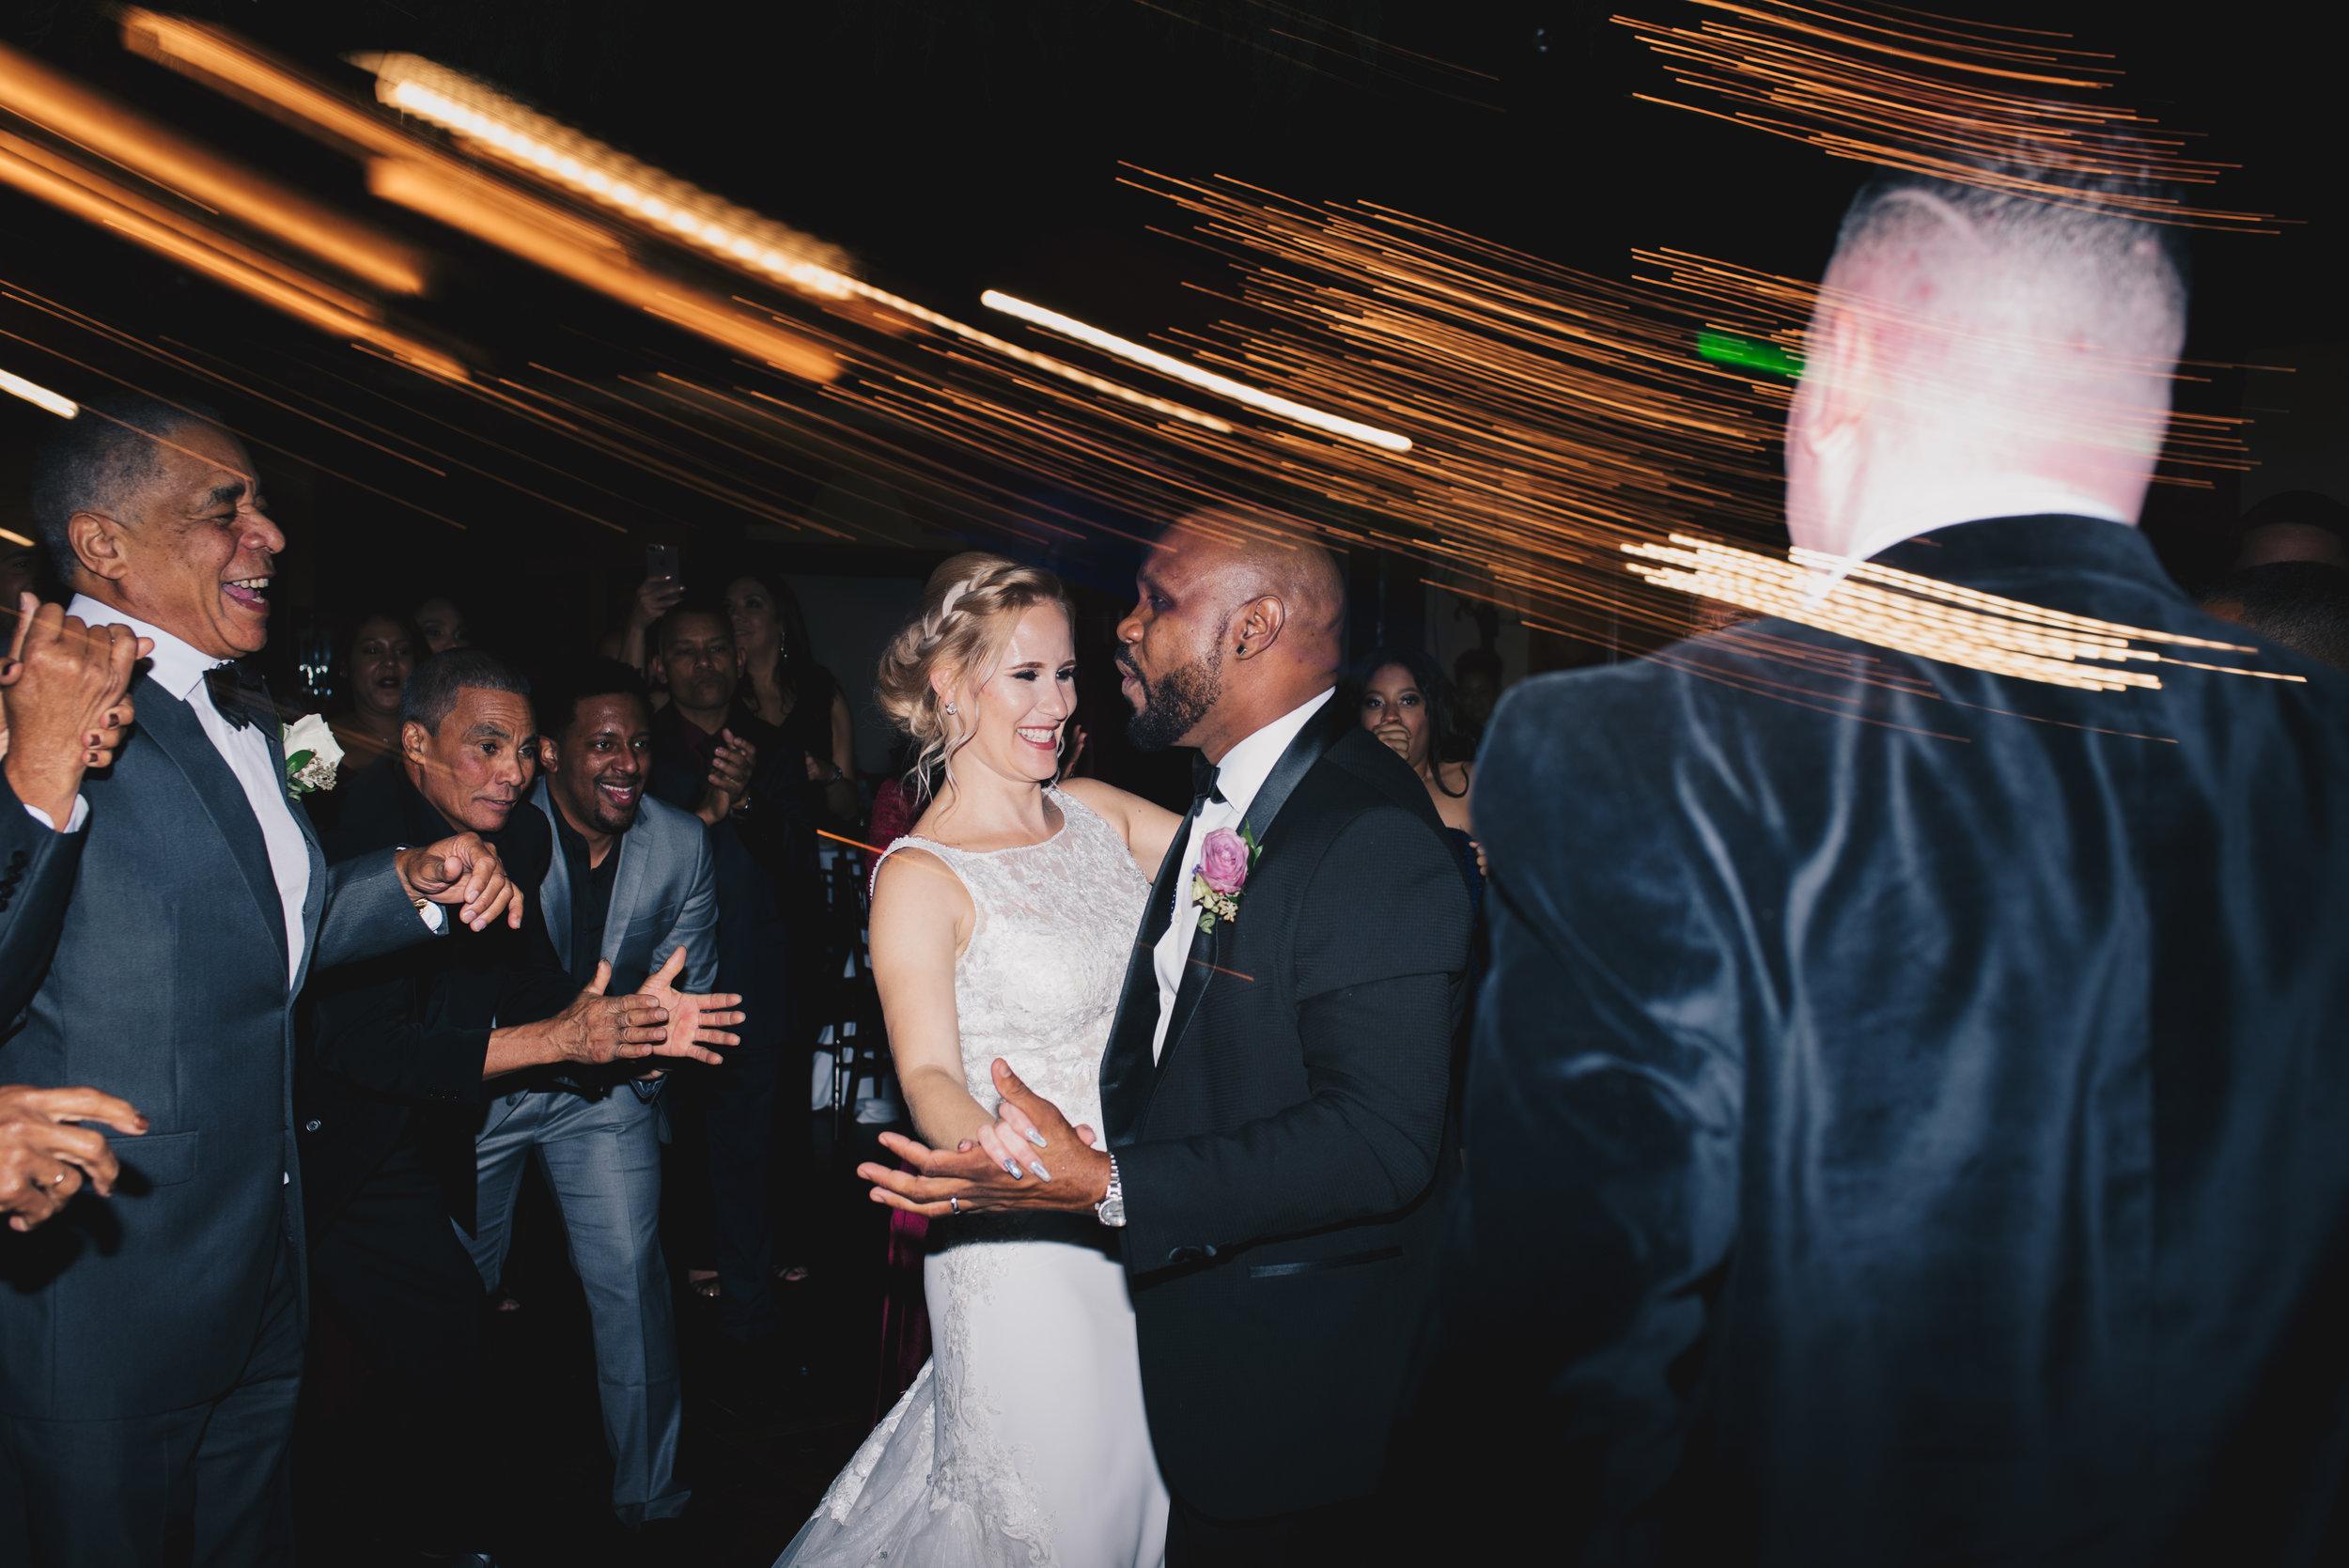 Los-Vargas-Photo-Wedding-Historic-Dubsdread-Ballroom-9342.jpg